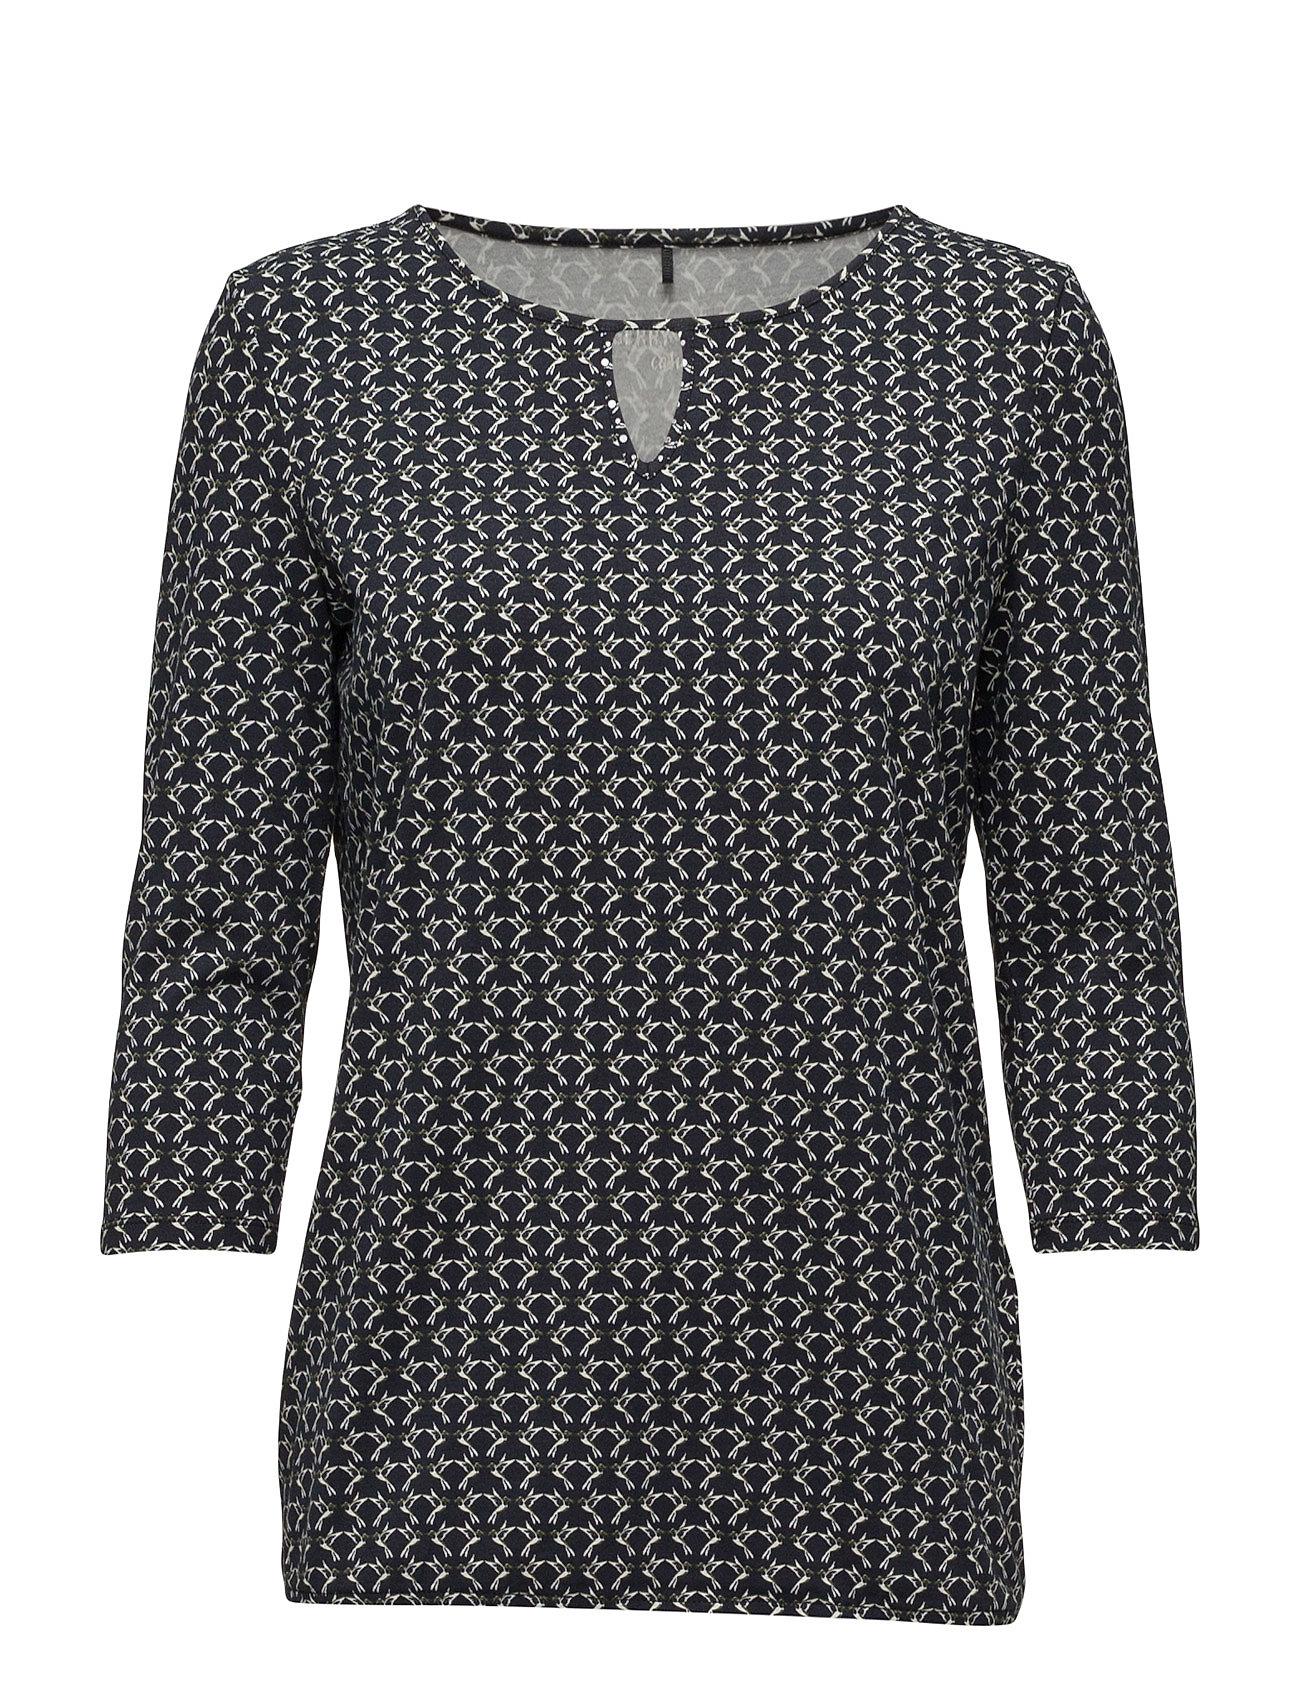 T-Shirt 3/4-Sleeve R Gerry Weber Edition Langærmede til Damer i